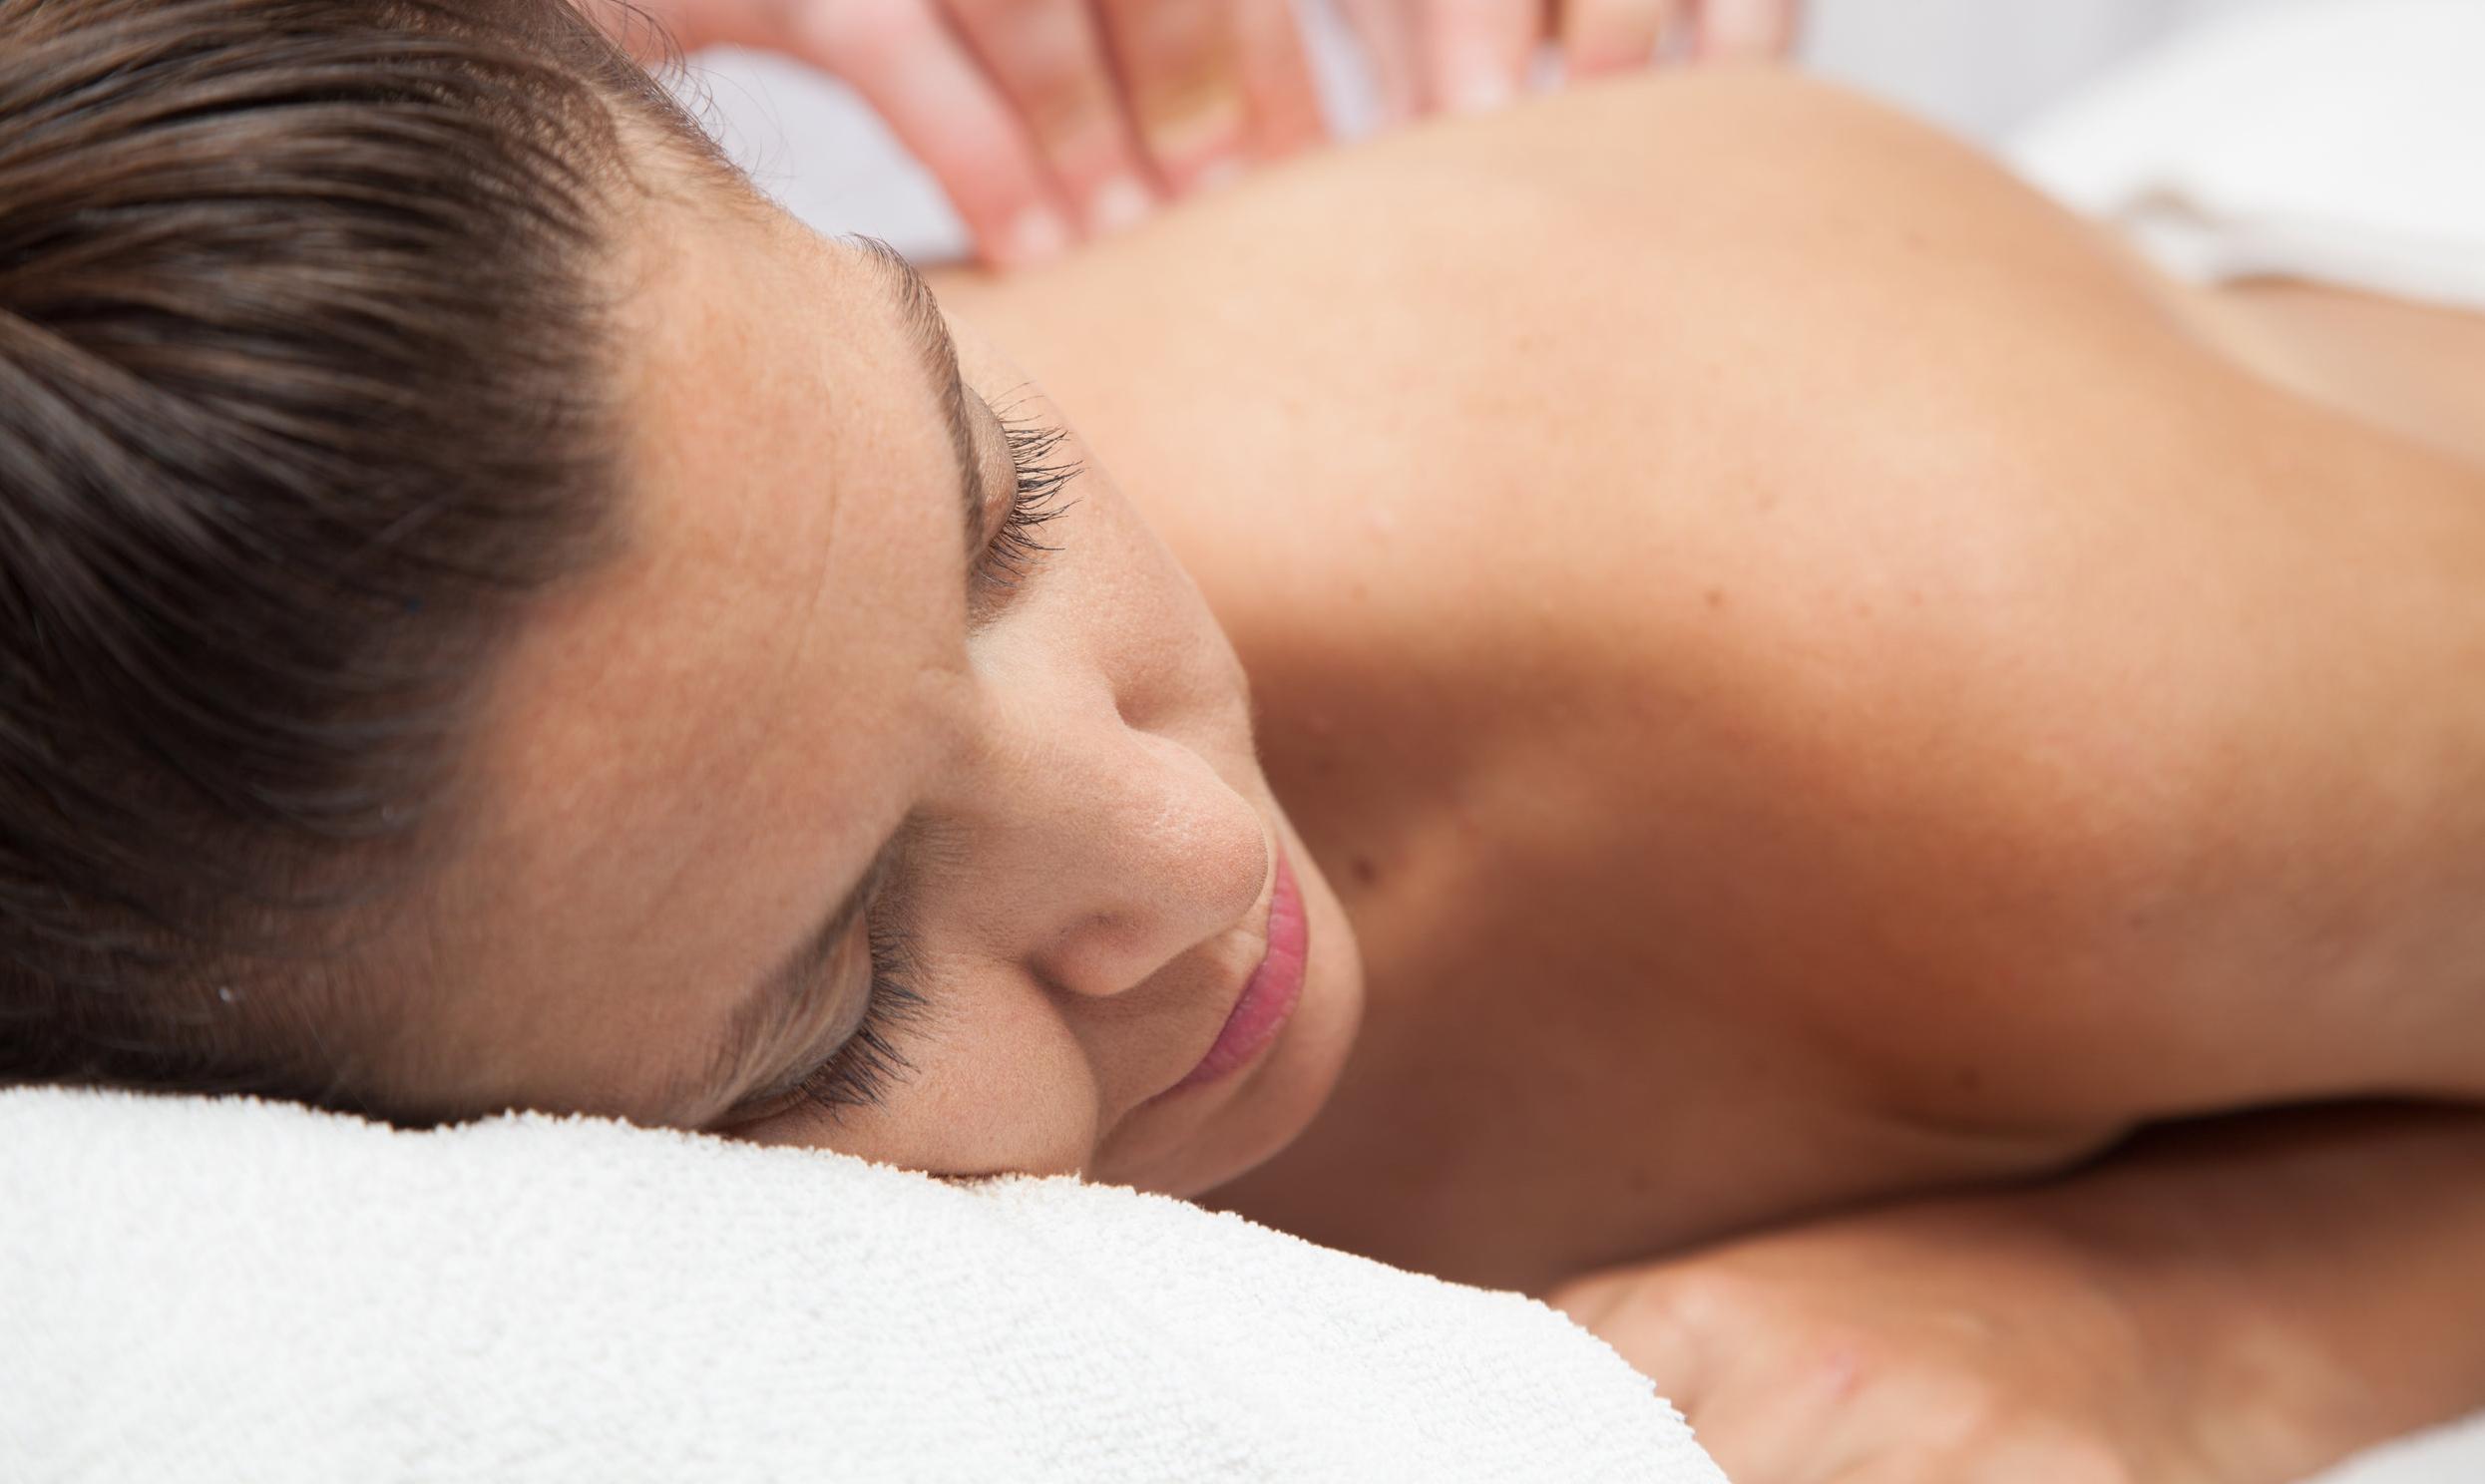 close-up-massage.jpg